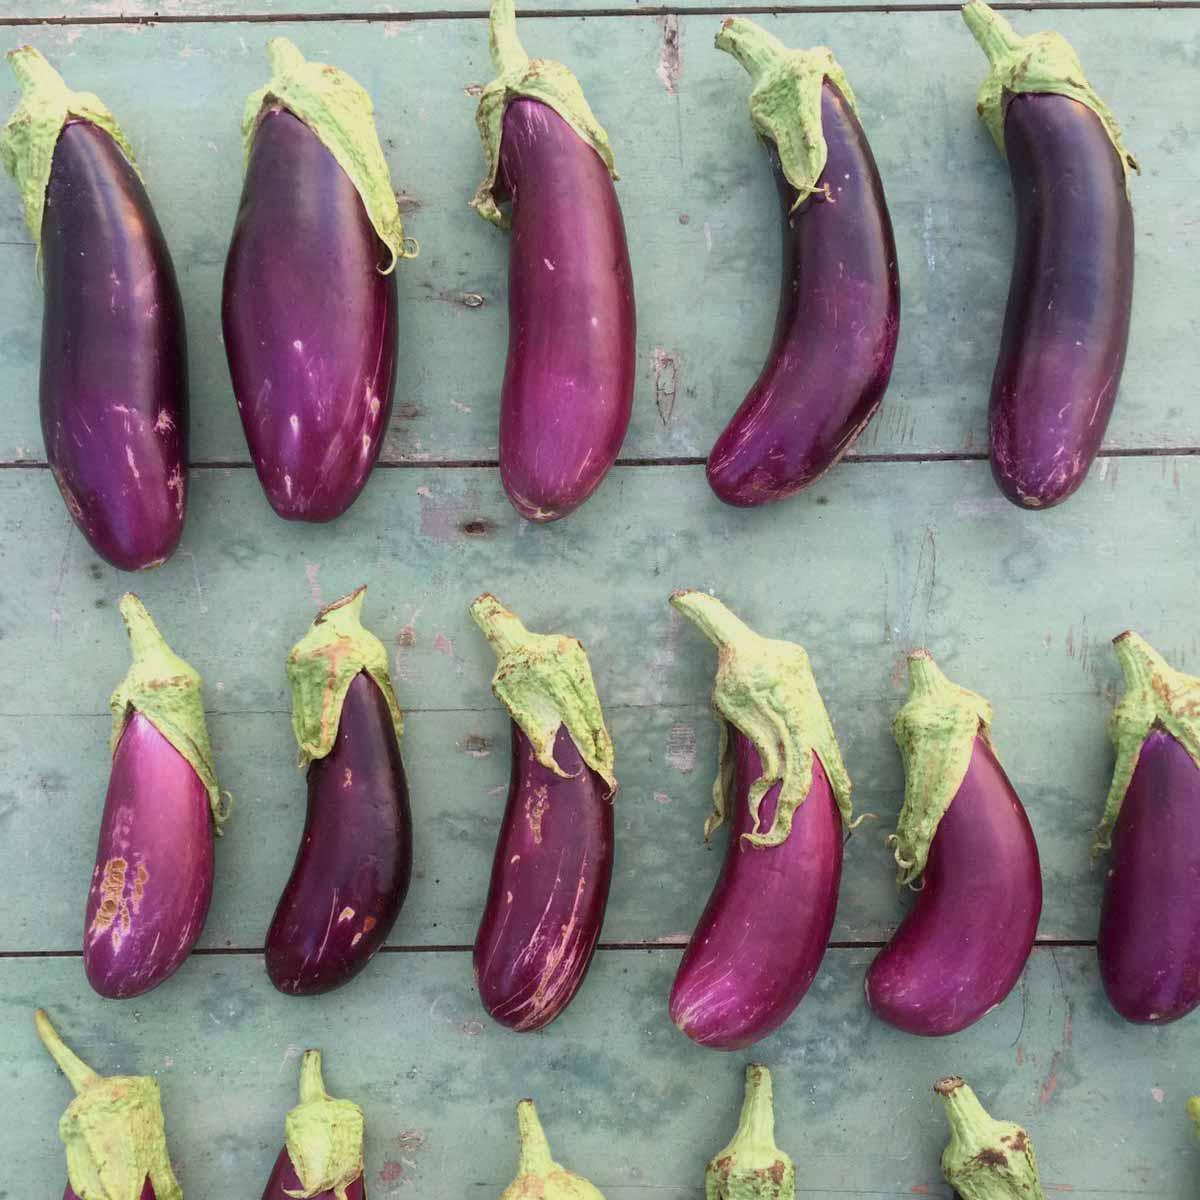 productos_menorca_verdura